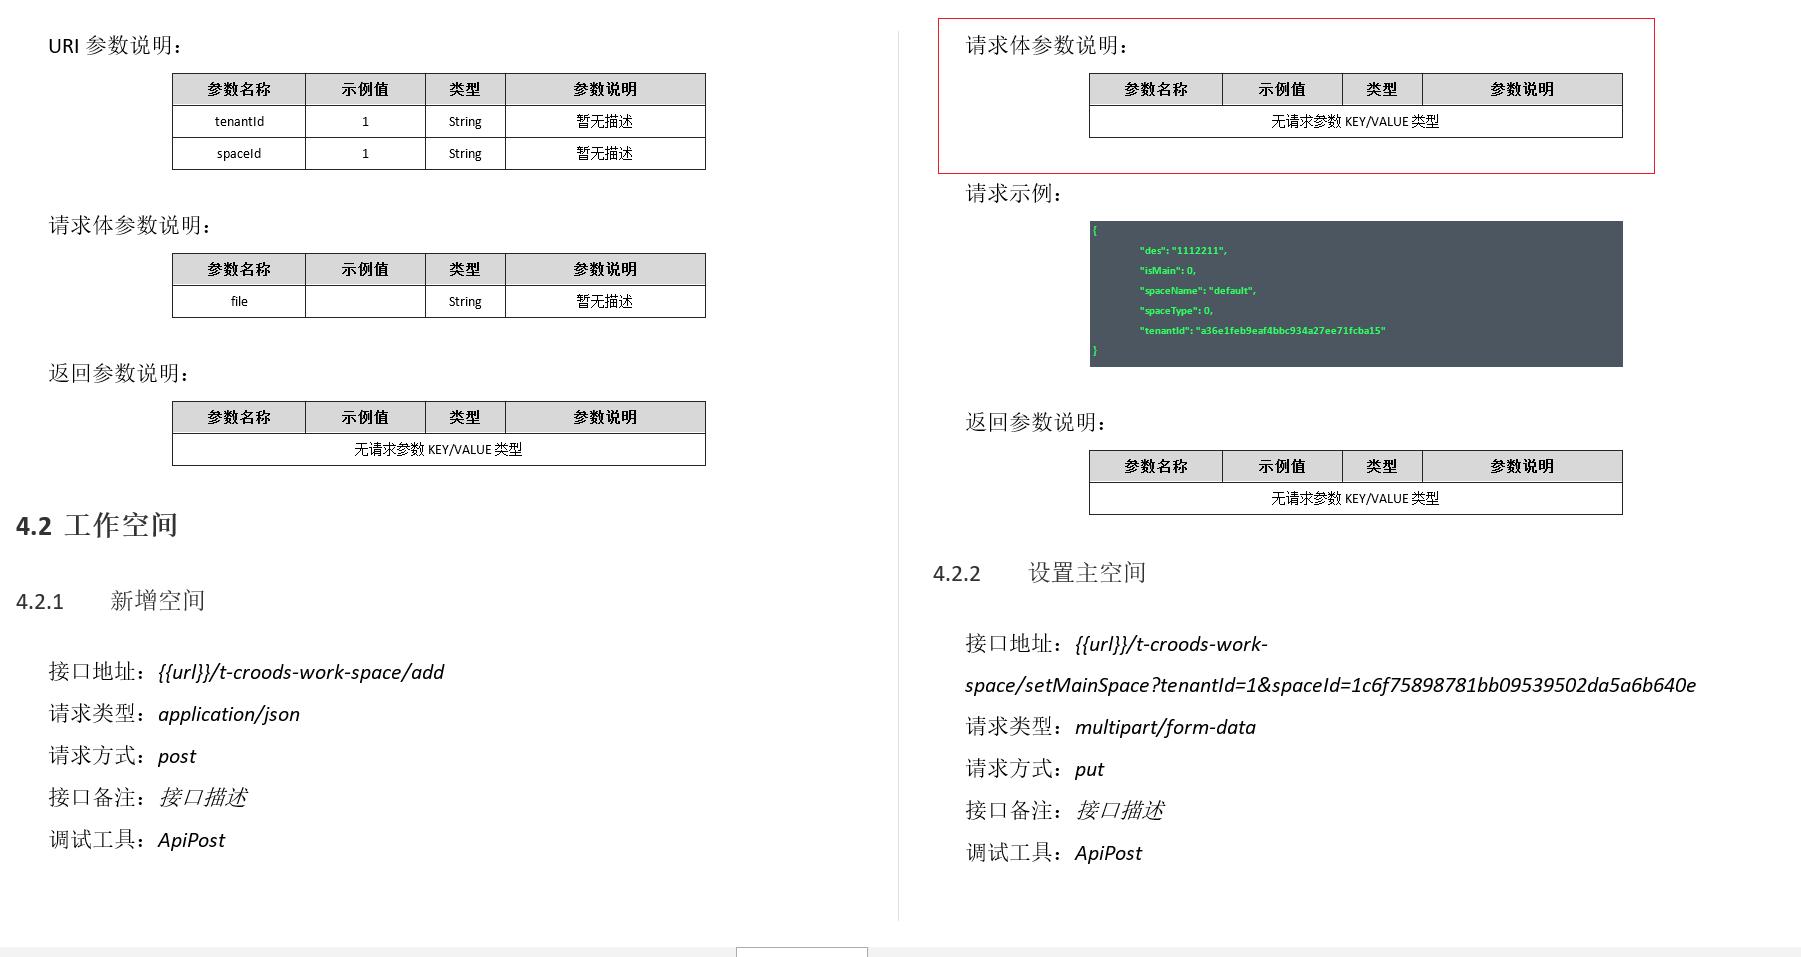 5.25版本为什么导出的word文档没字段描述表格